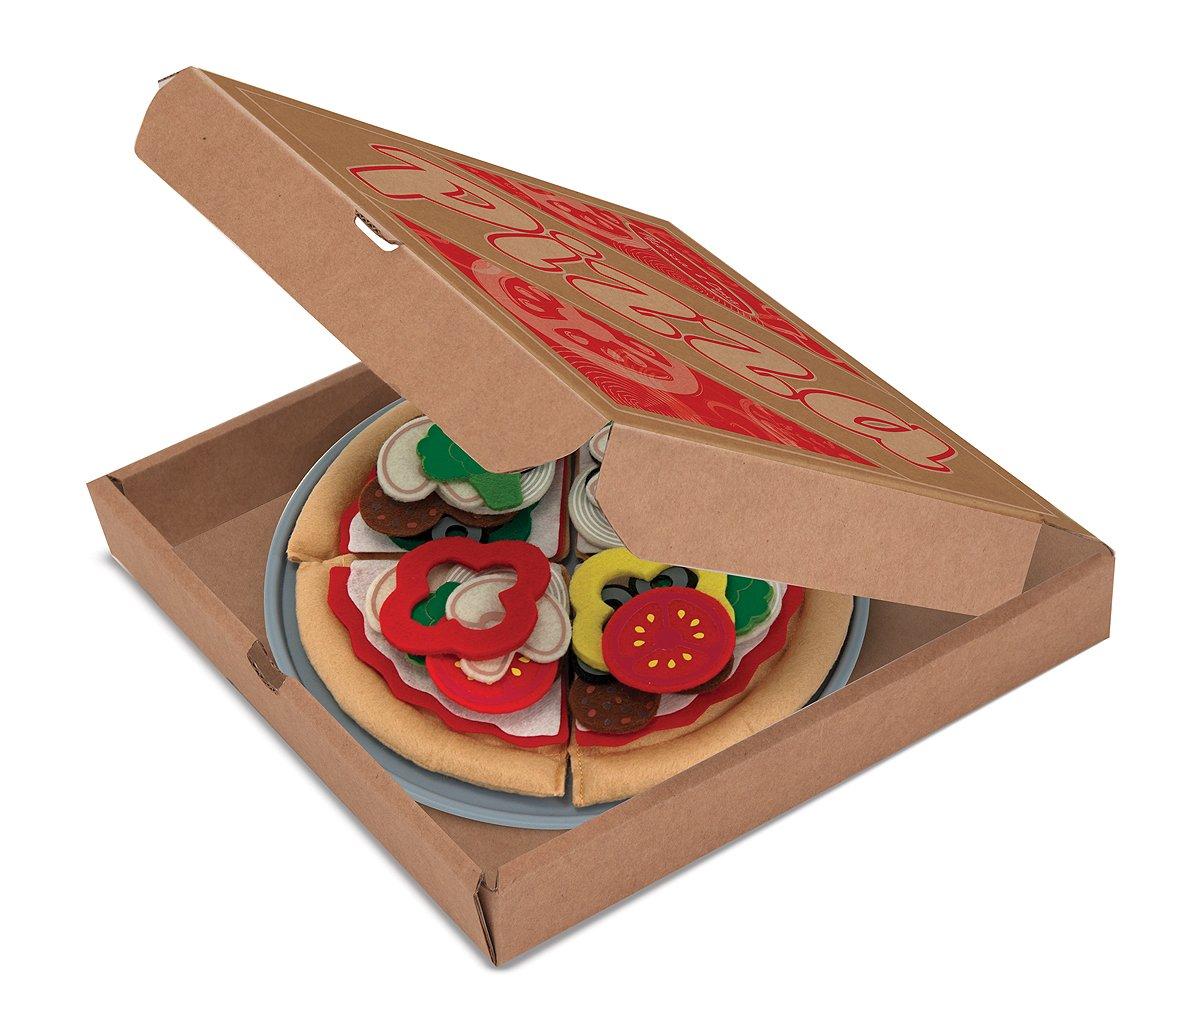 Resultado de imagen de pizza melissa y doug